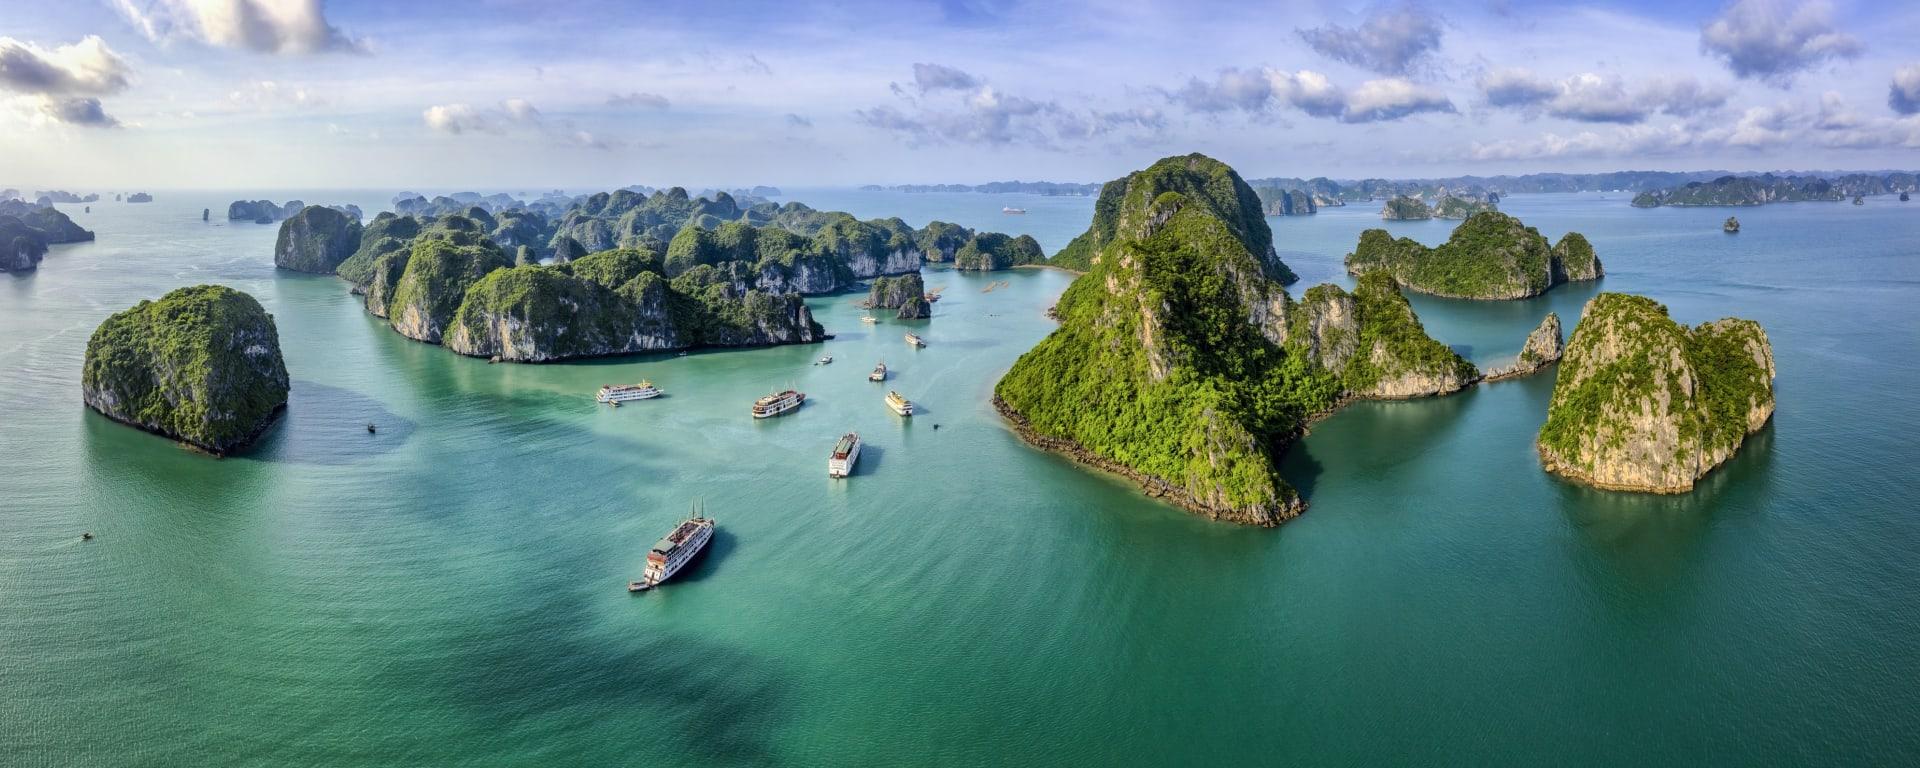 Vietnam entdecken mit Tischler Reisen: Vietnam Halong Bucht